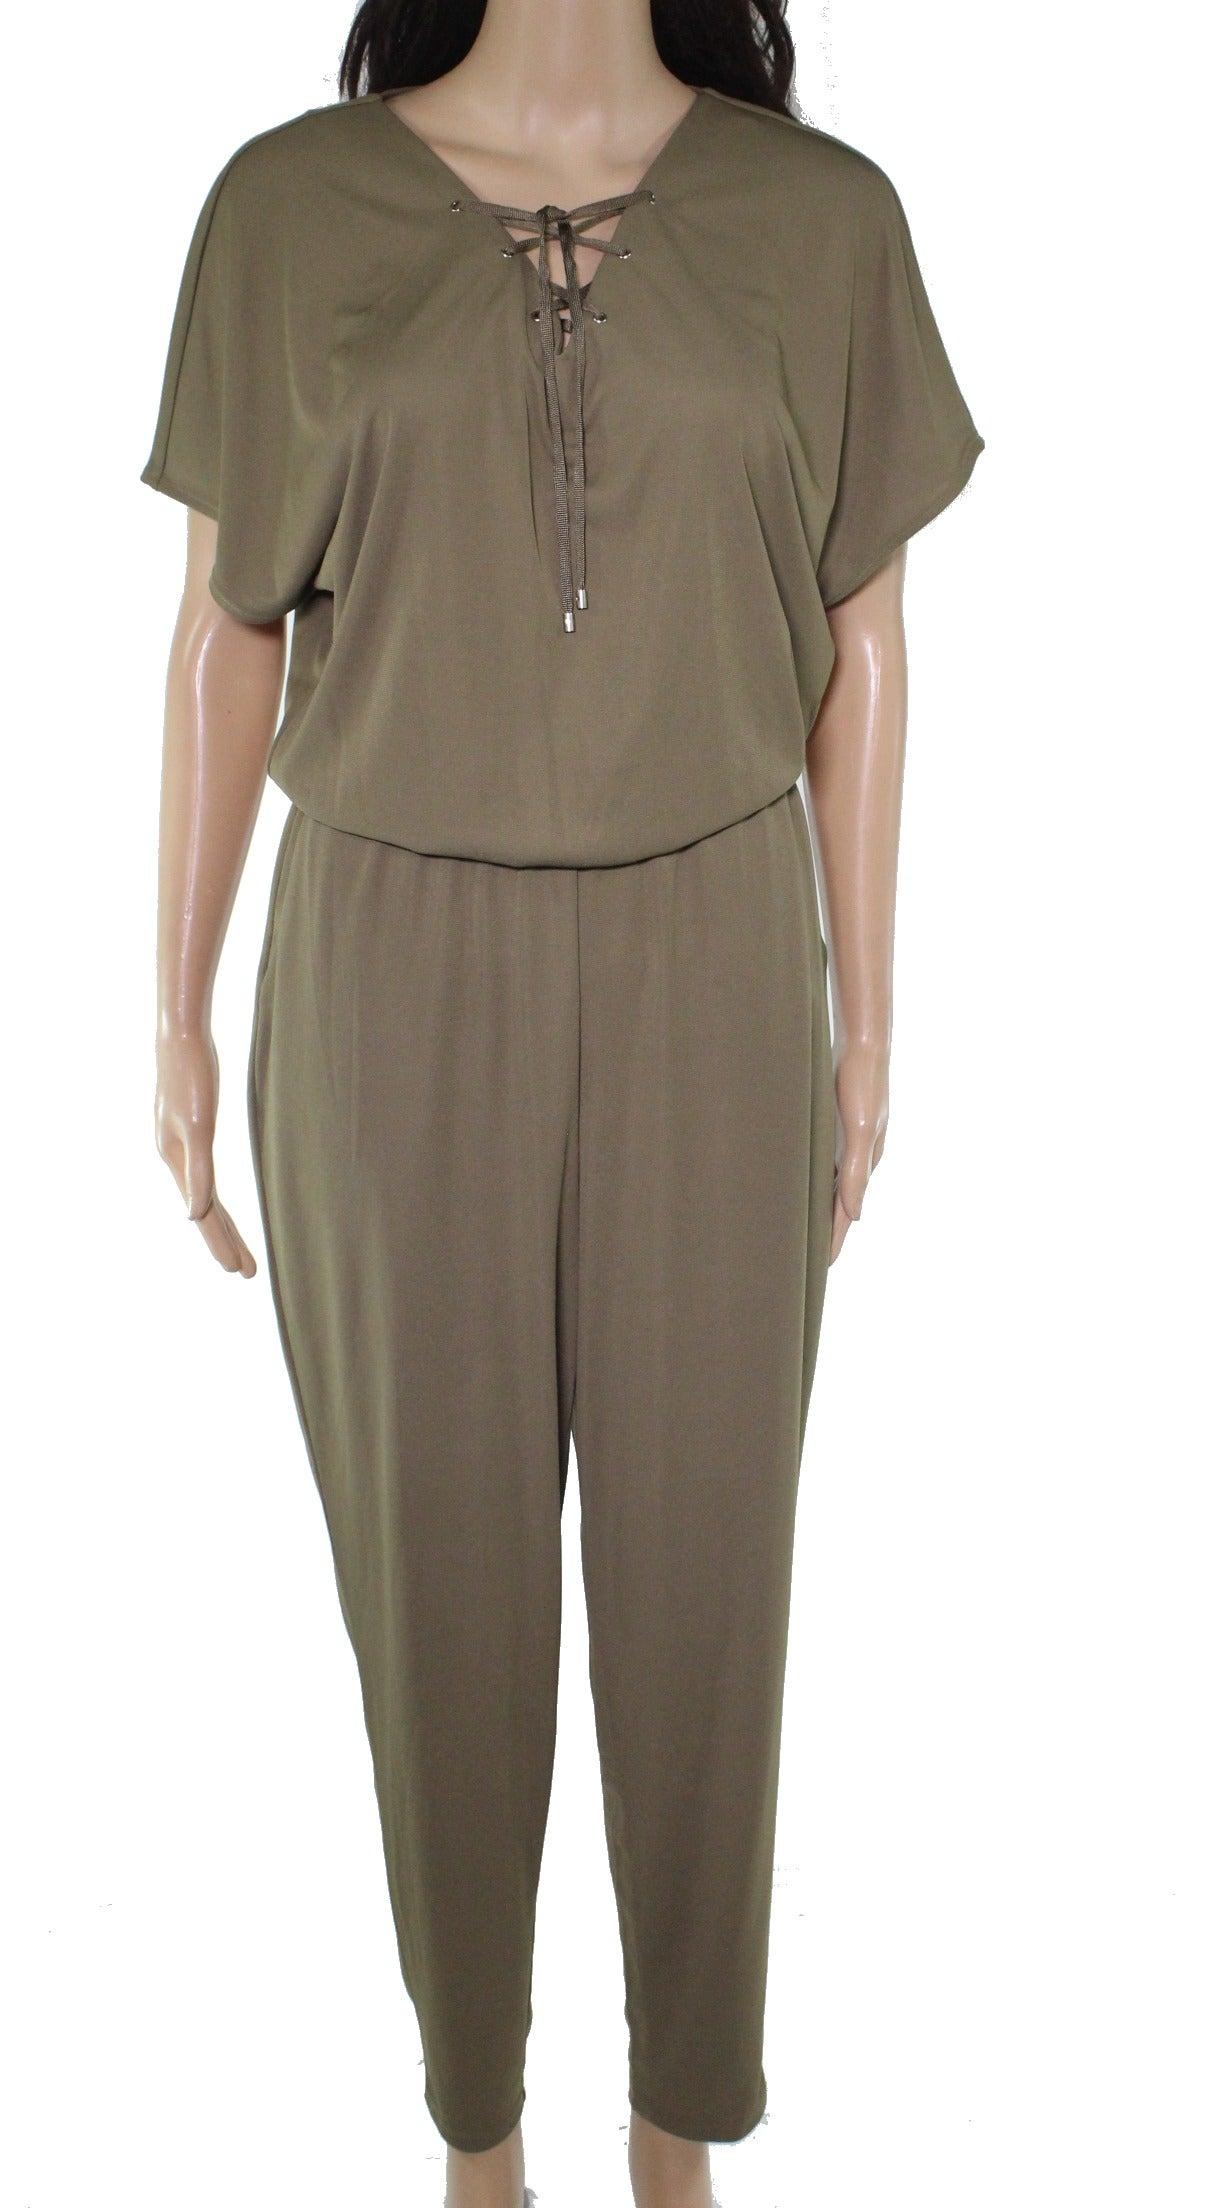 Lauren By Ralph Lauren Women's Jumpsuit Green Size Small S Lace Up